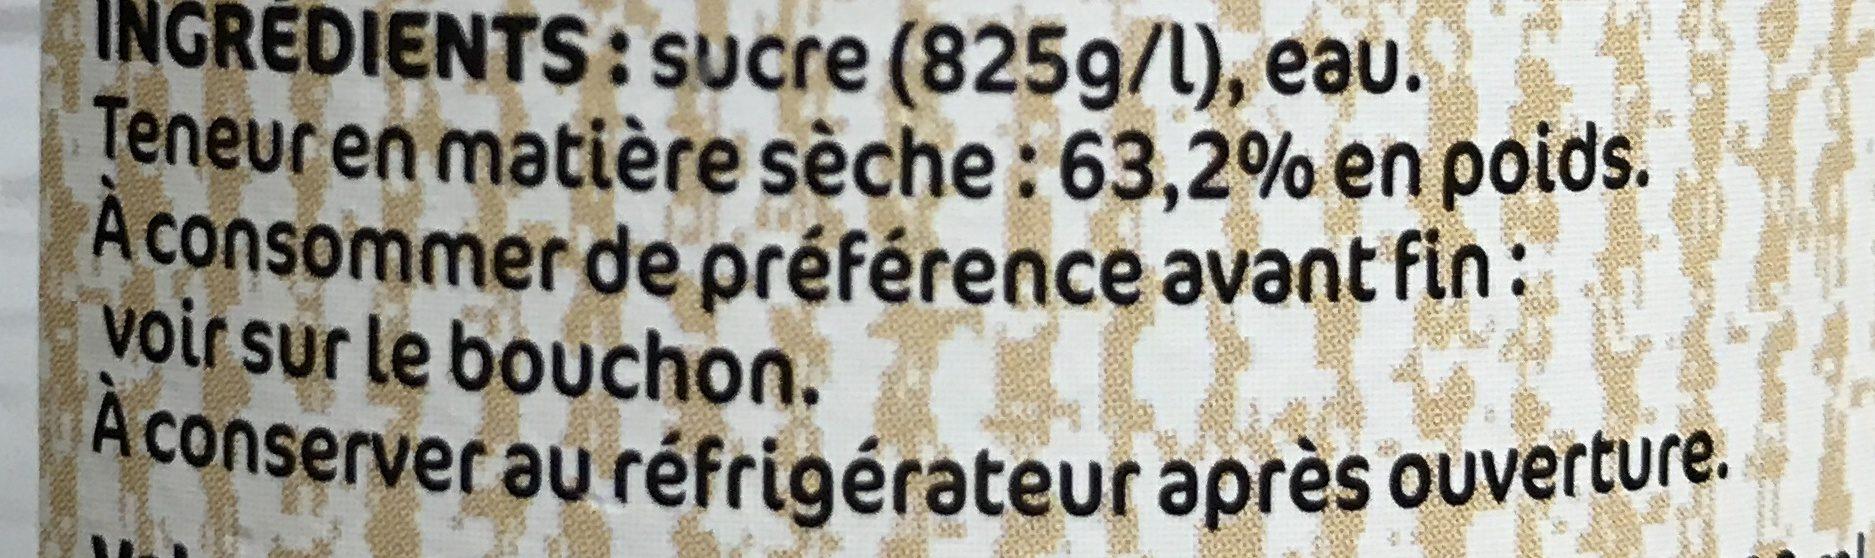 Sucre de canne liquide - Ingrédients - fr